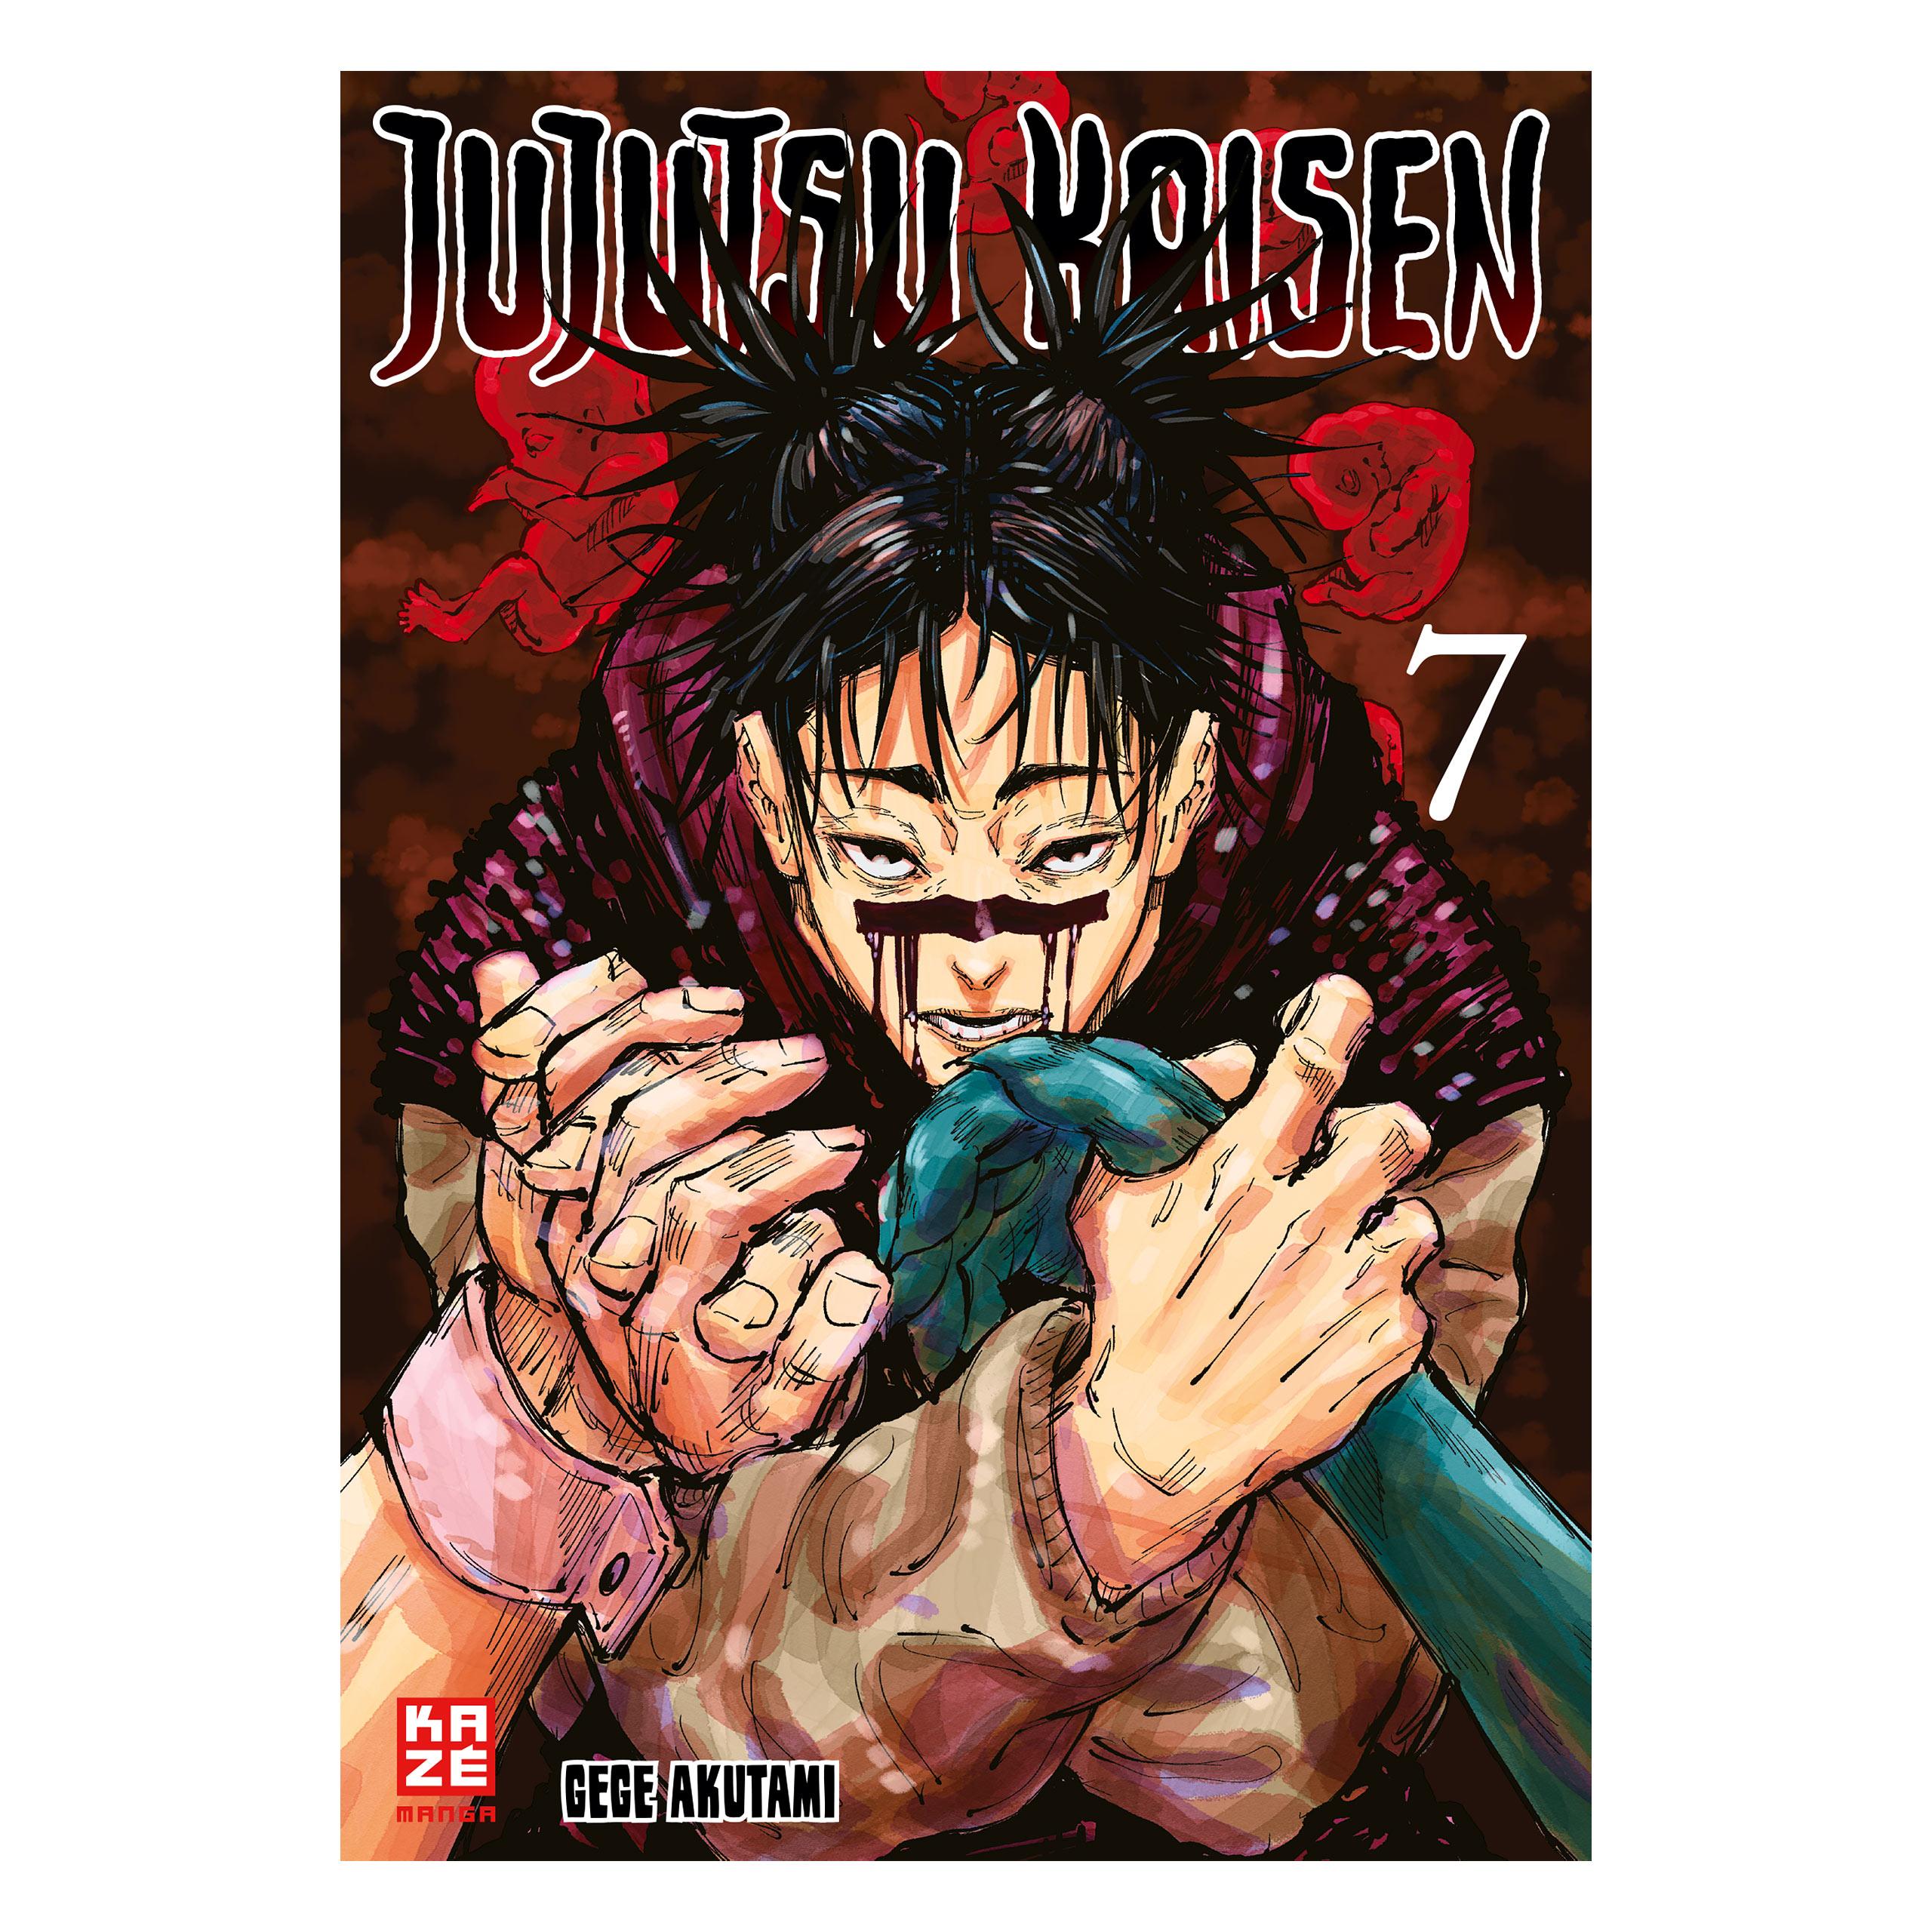 Jujutsu Kaisen - Band 7 Taschenbuch